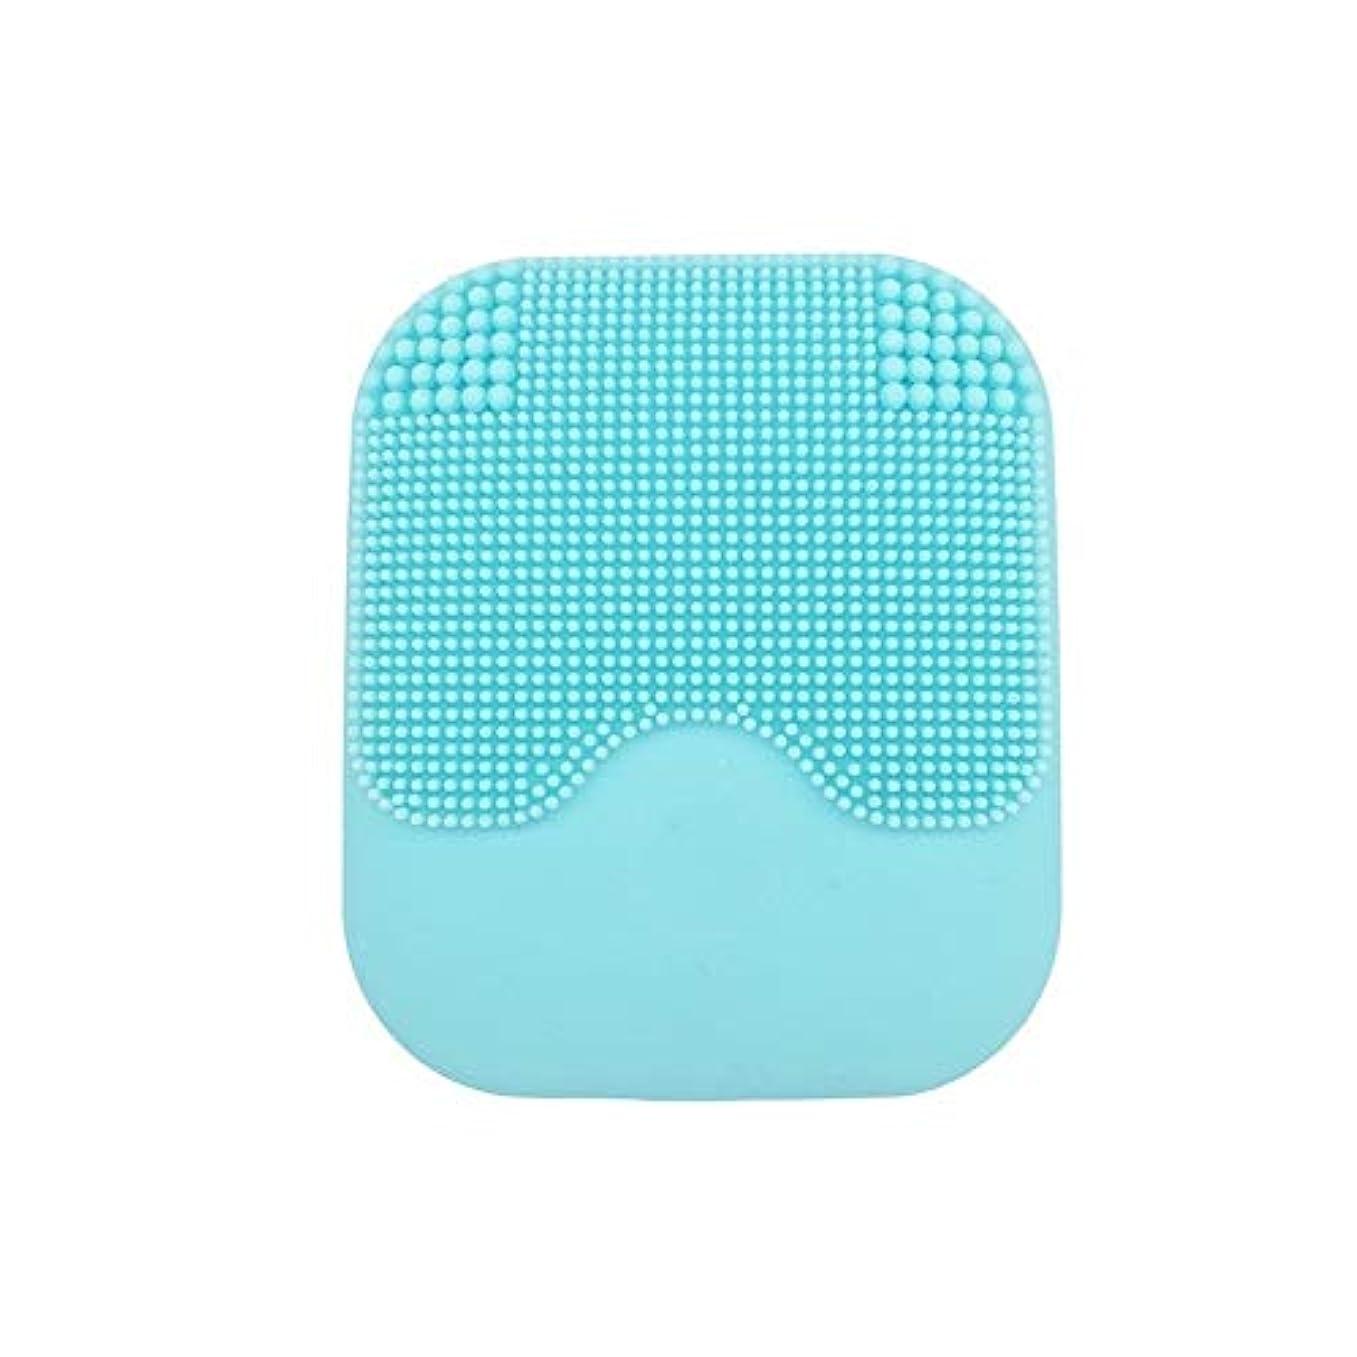 修正する困惑概してシリコン洗顔ブラシ、スリースピード調節可能な防水充電式ひげエレクトリック顔ブラシ顔面にきびスクラバーアンチエイジングスキンケア (Color : 青)